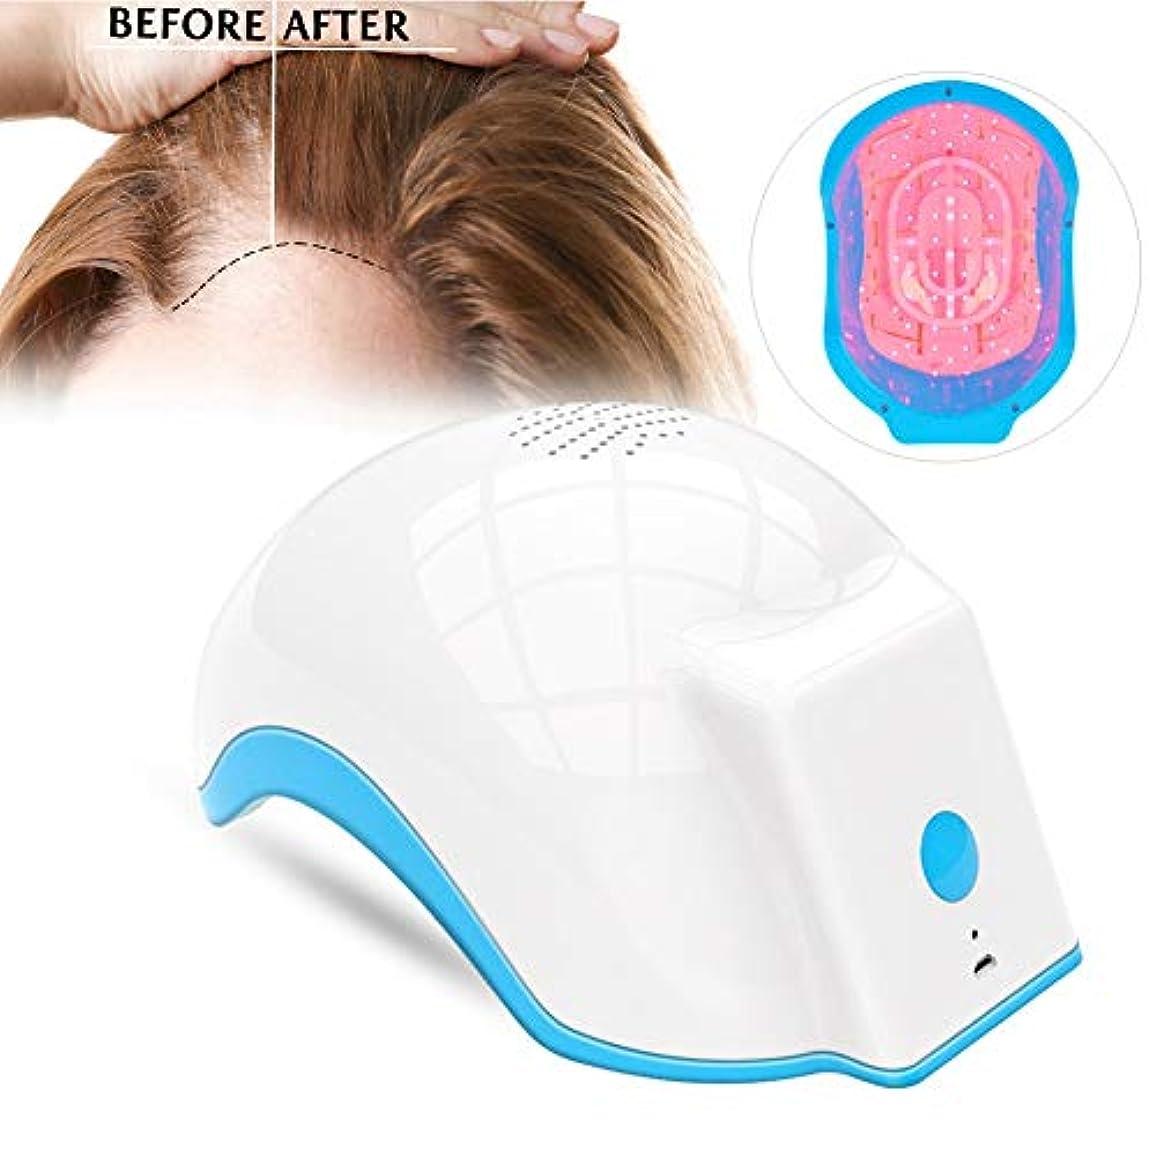 痛み取り除く有害な80ダイオードヘア成長システム、脱毛ヘルメットファストグローストリートメントキャップ男性用脱毛ソリューション女性(US Plug)